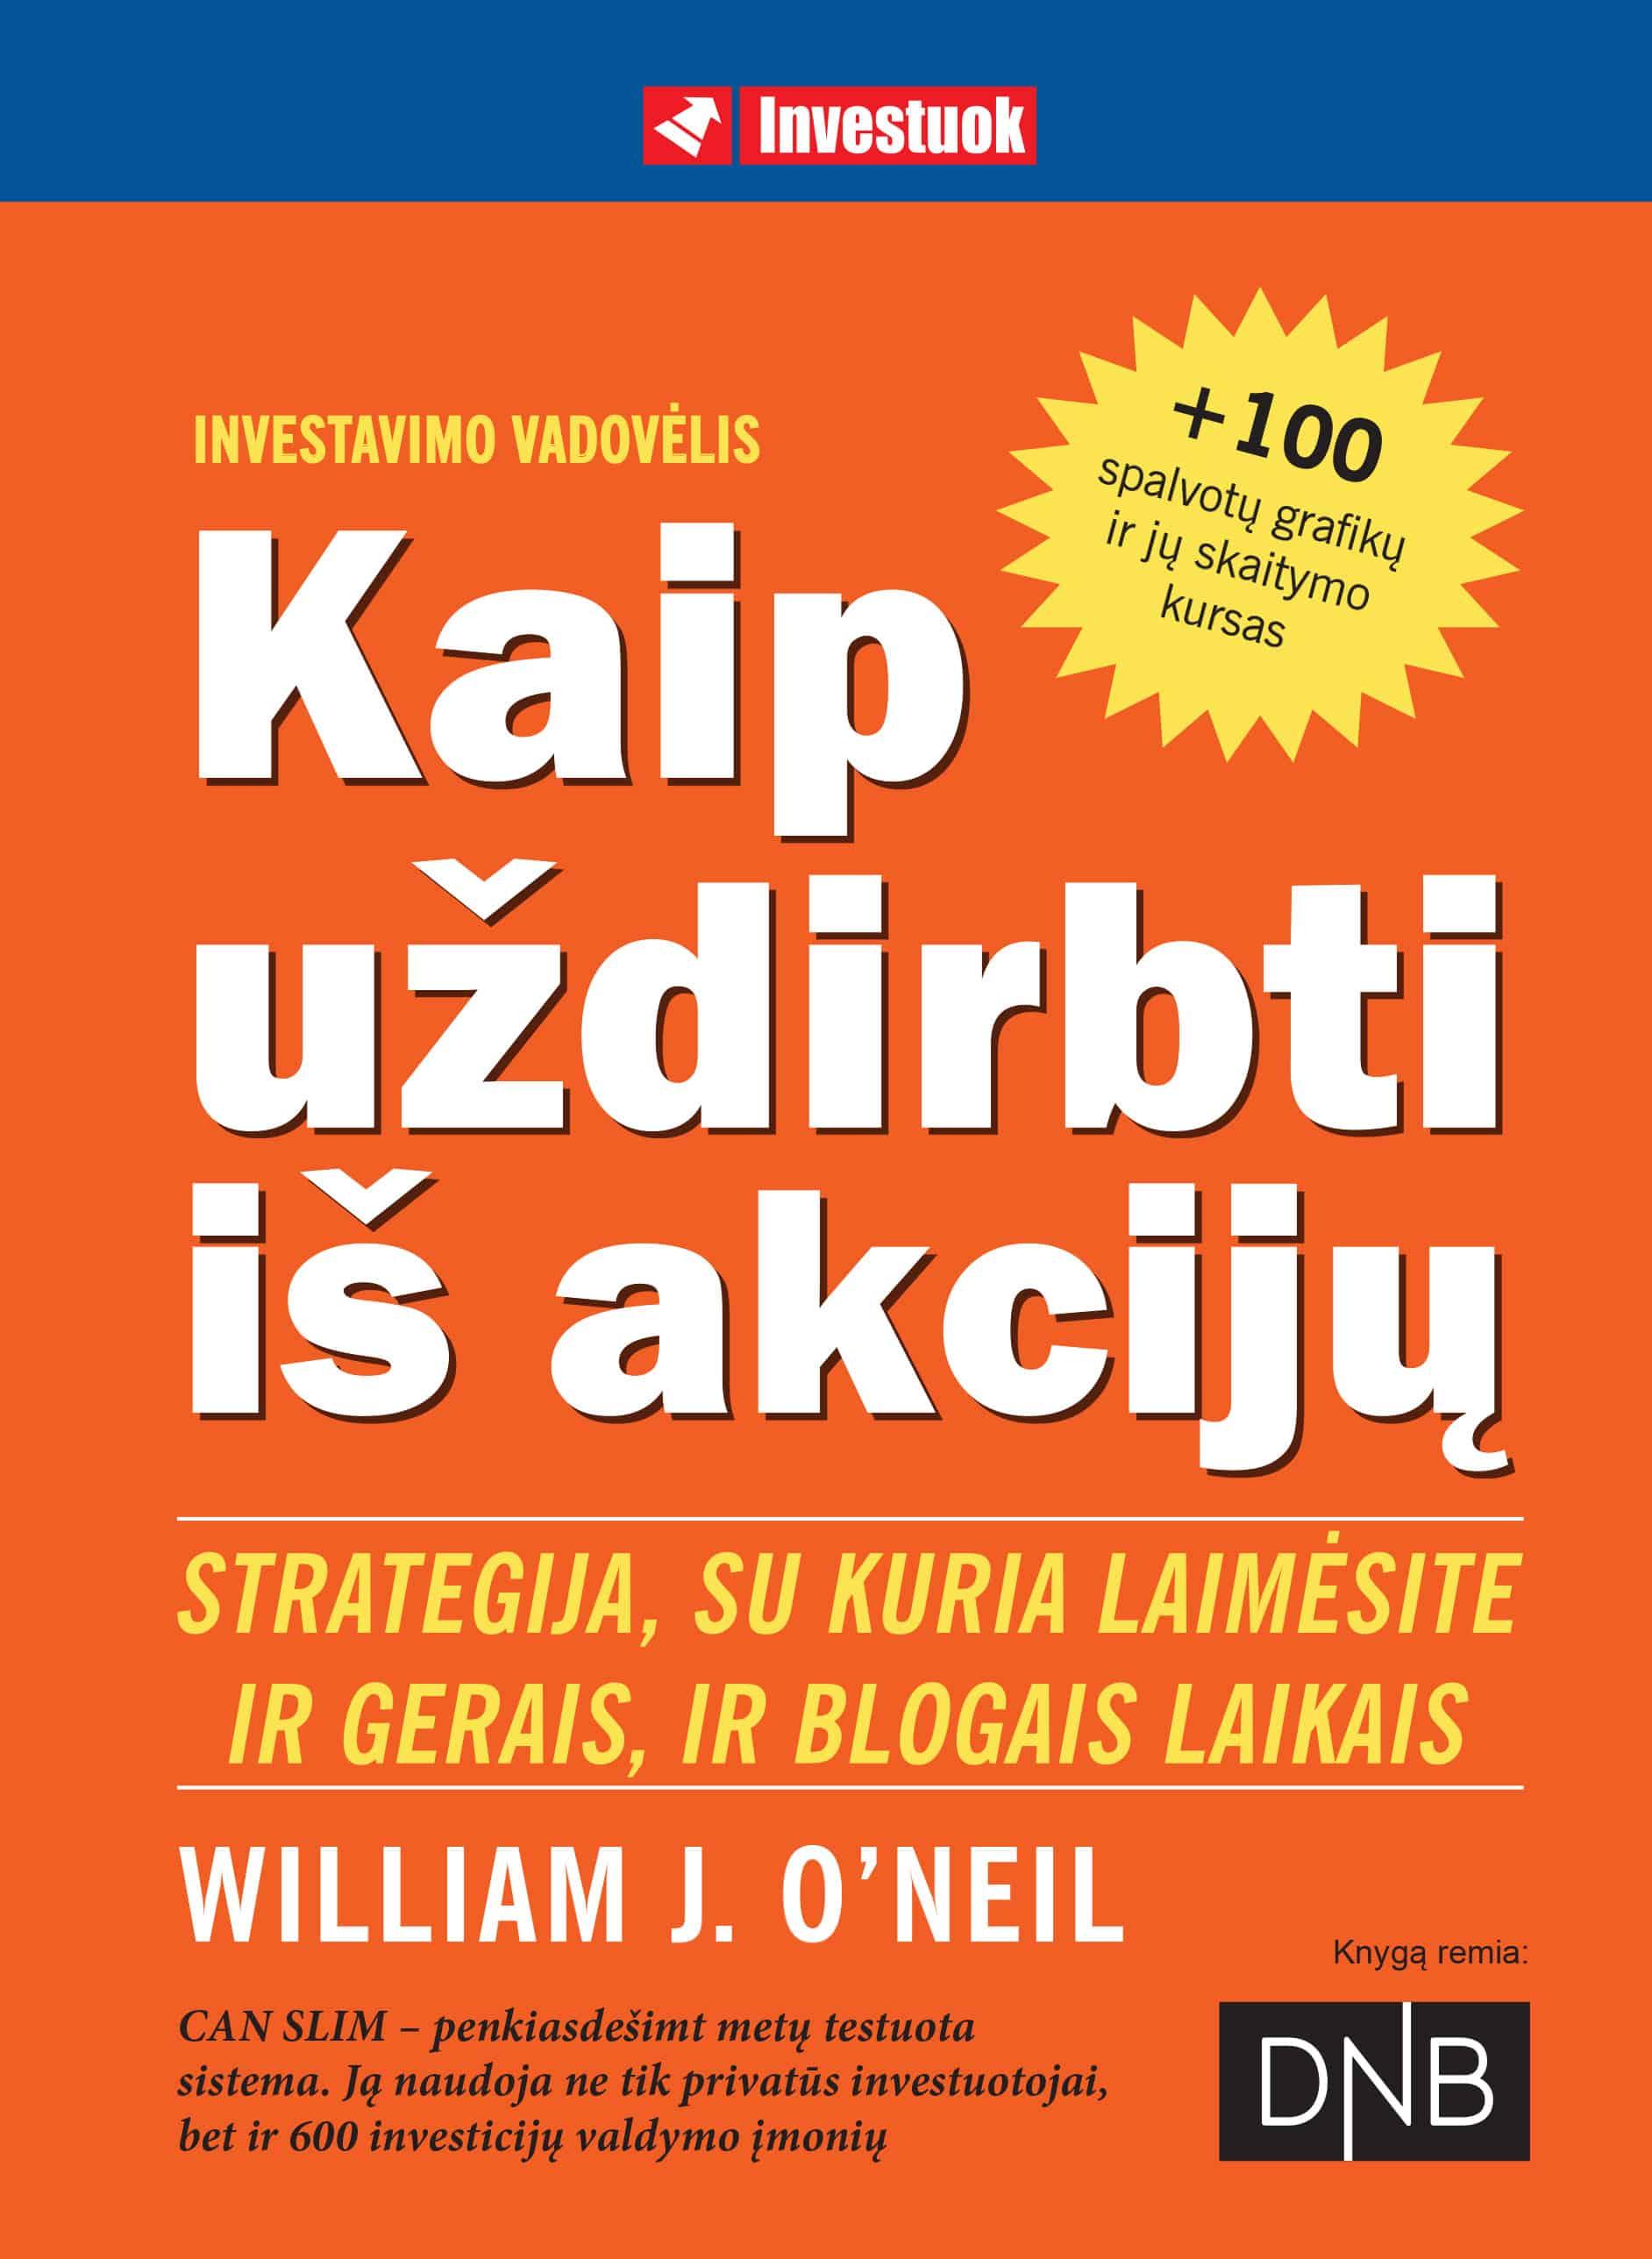 geriausios knygos apie akcijų prekybą